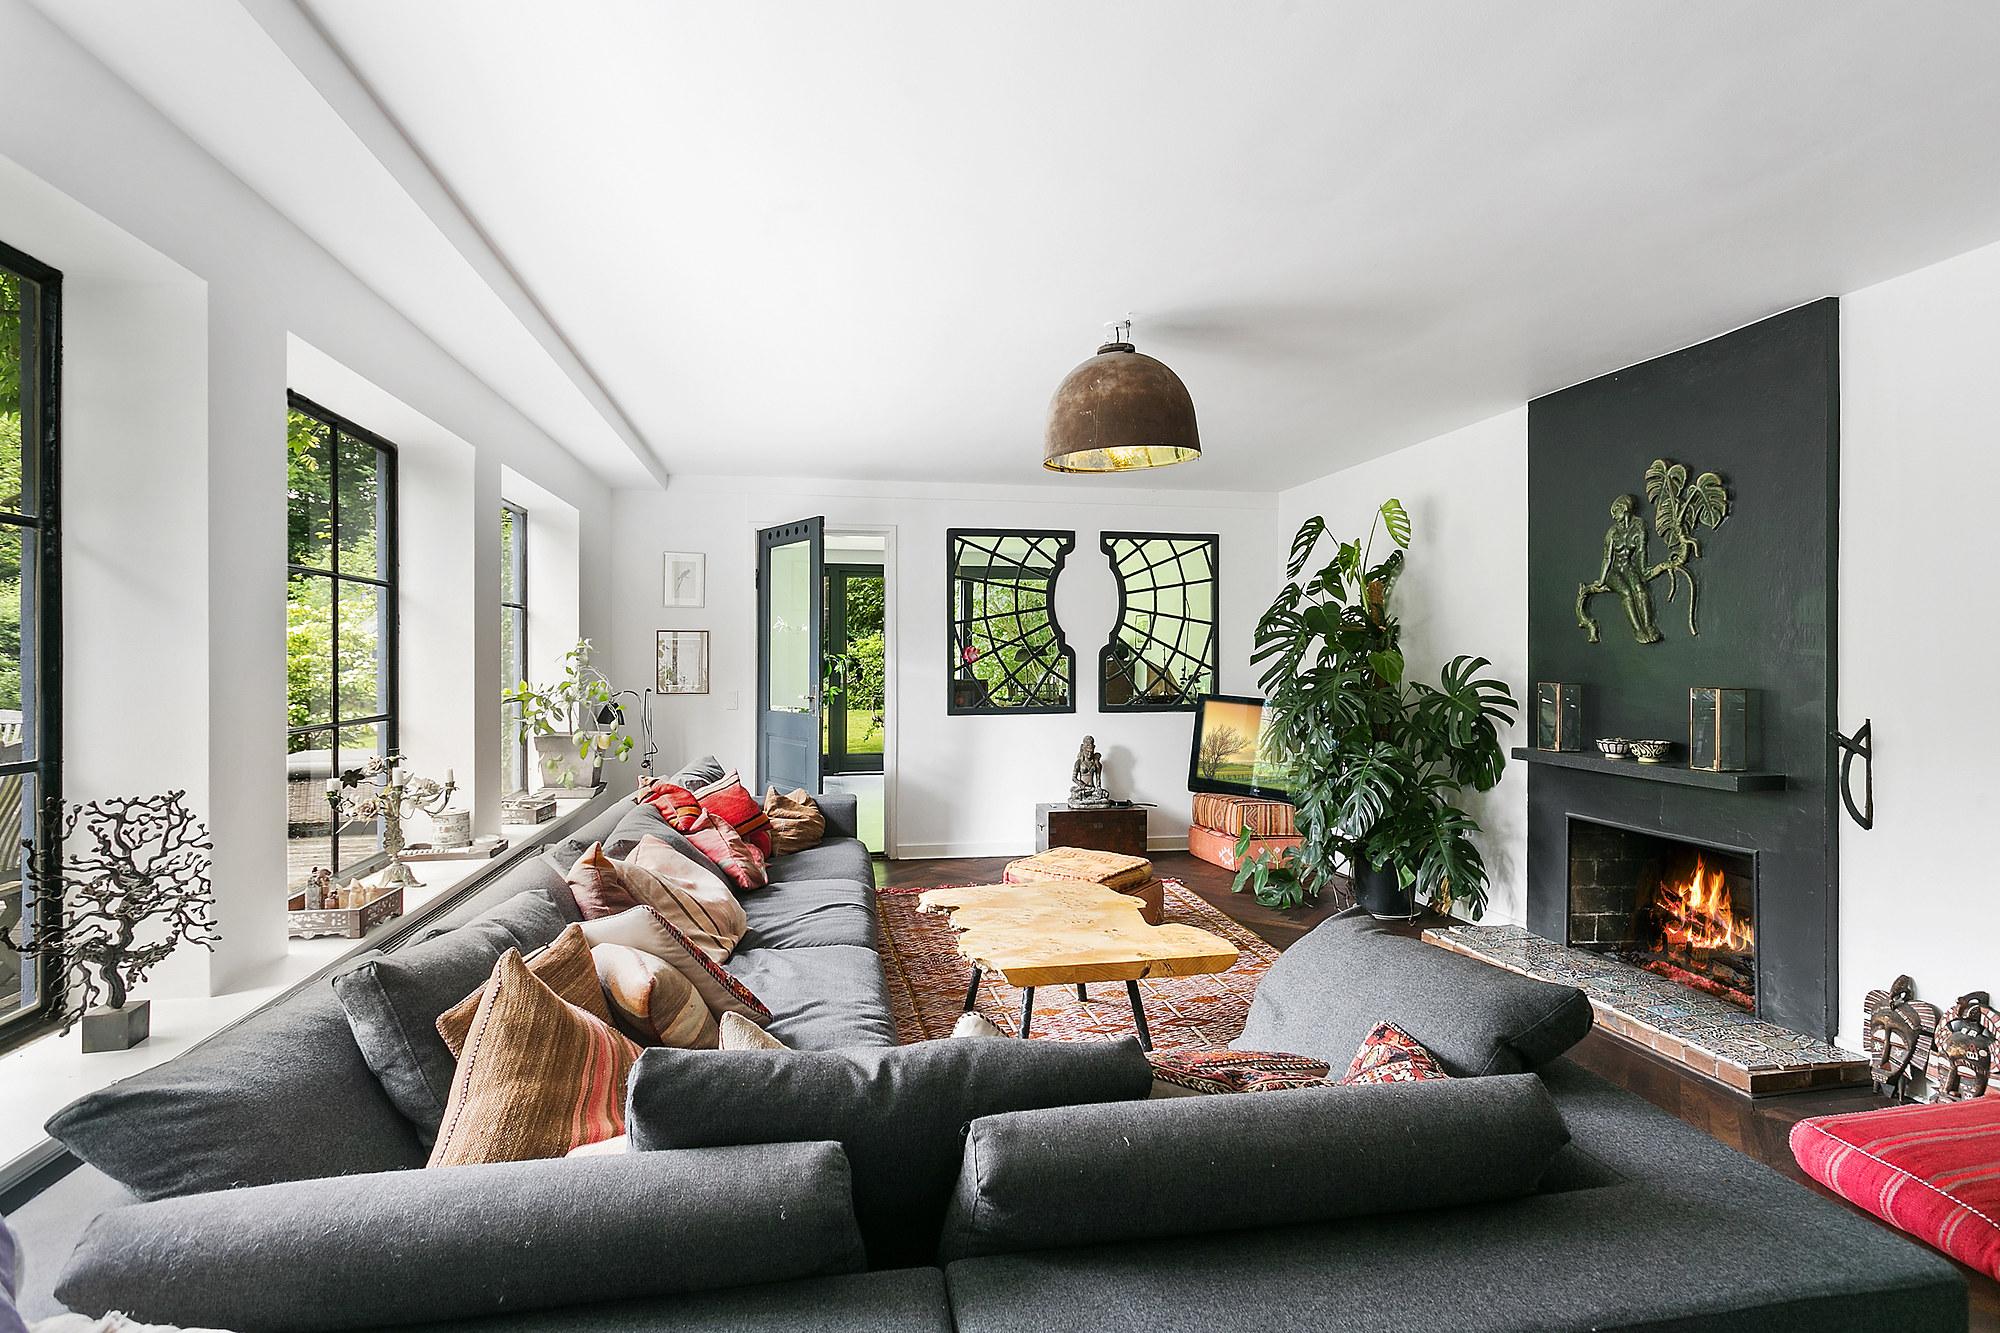 гостиная диваны подоконник камин